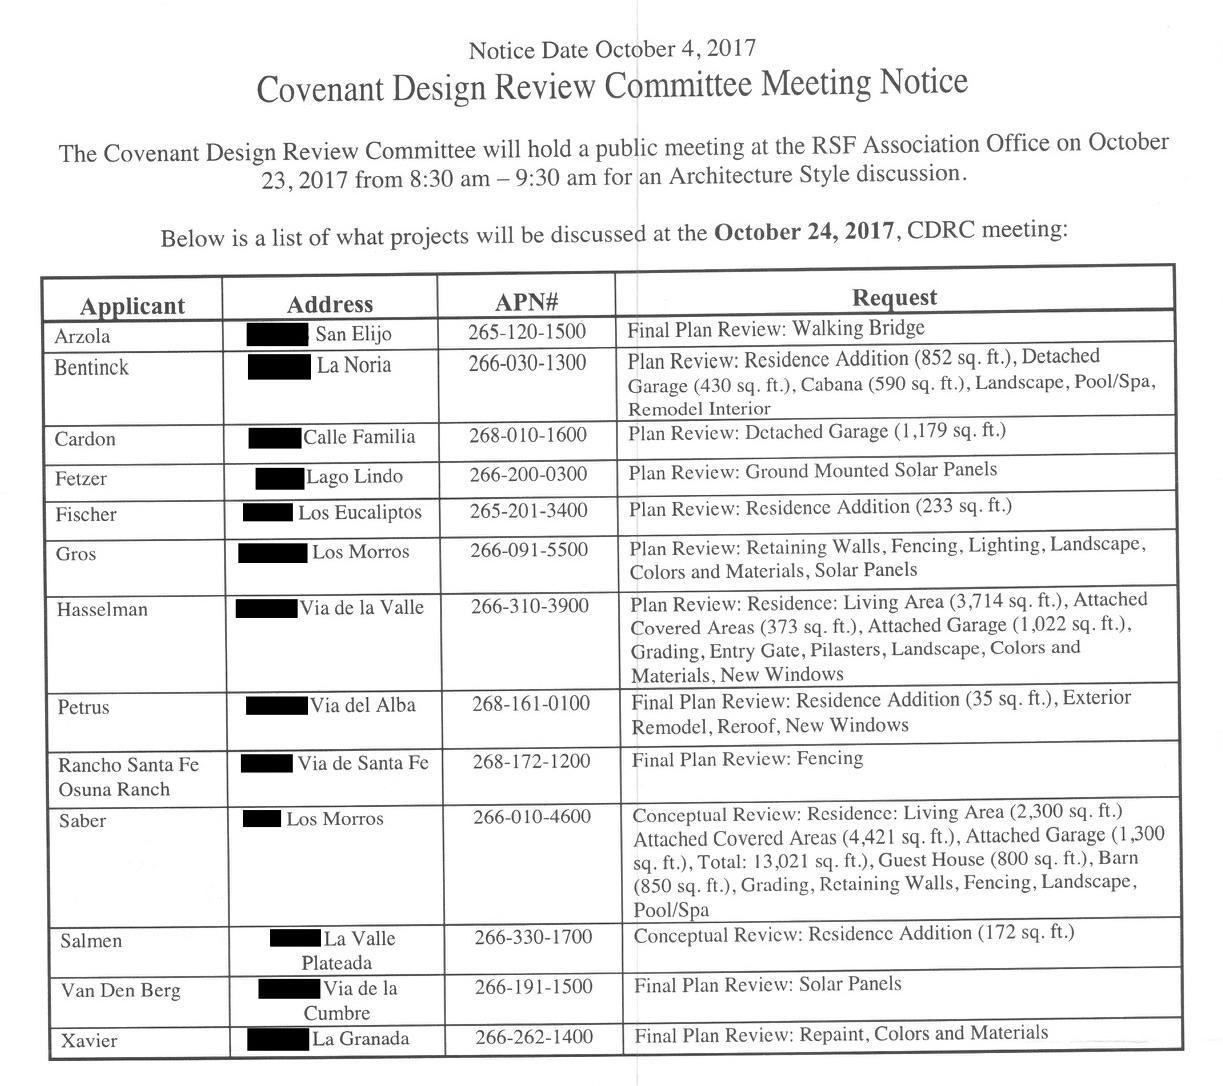 CDRC_Notice_October_4_Page_1.jpg